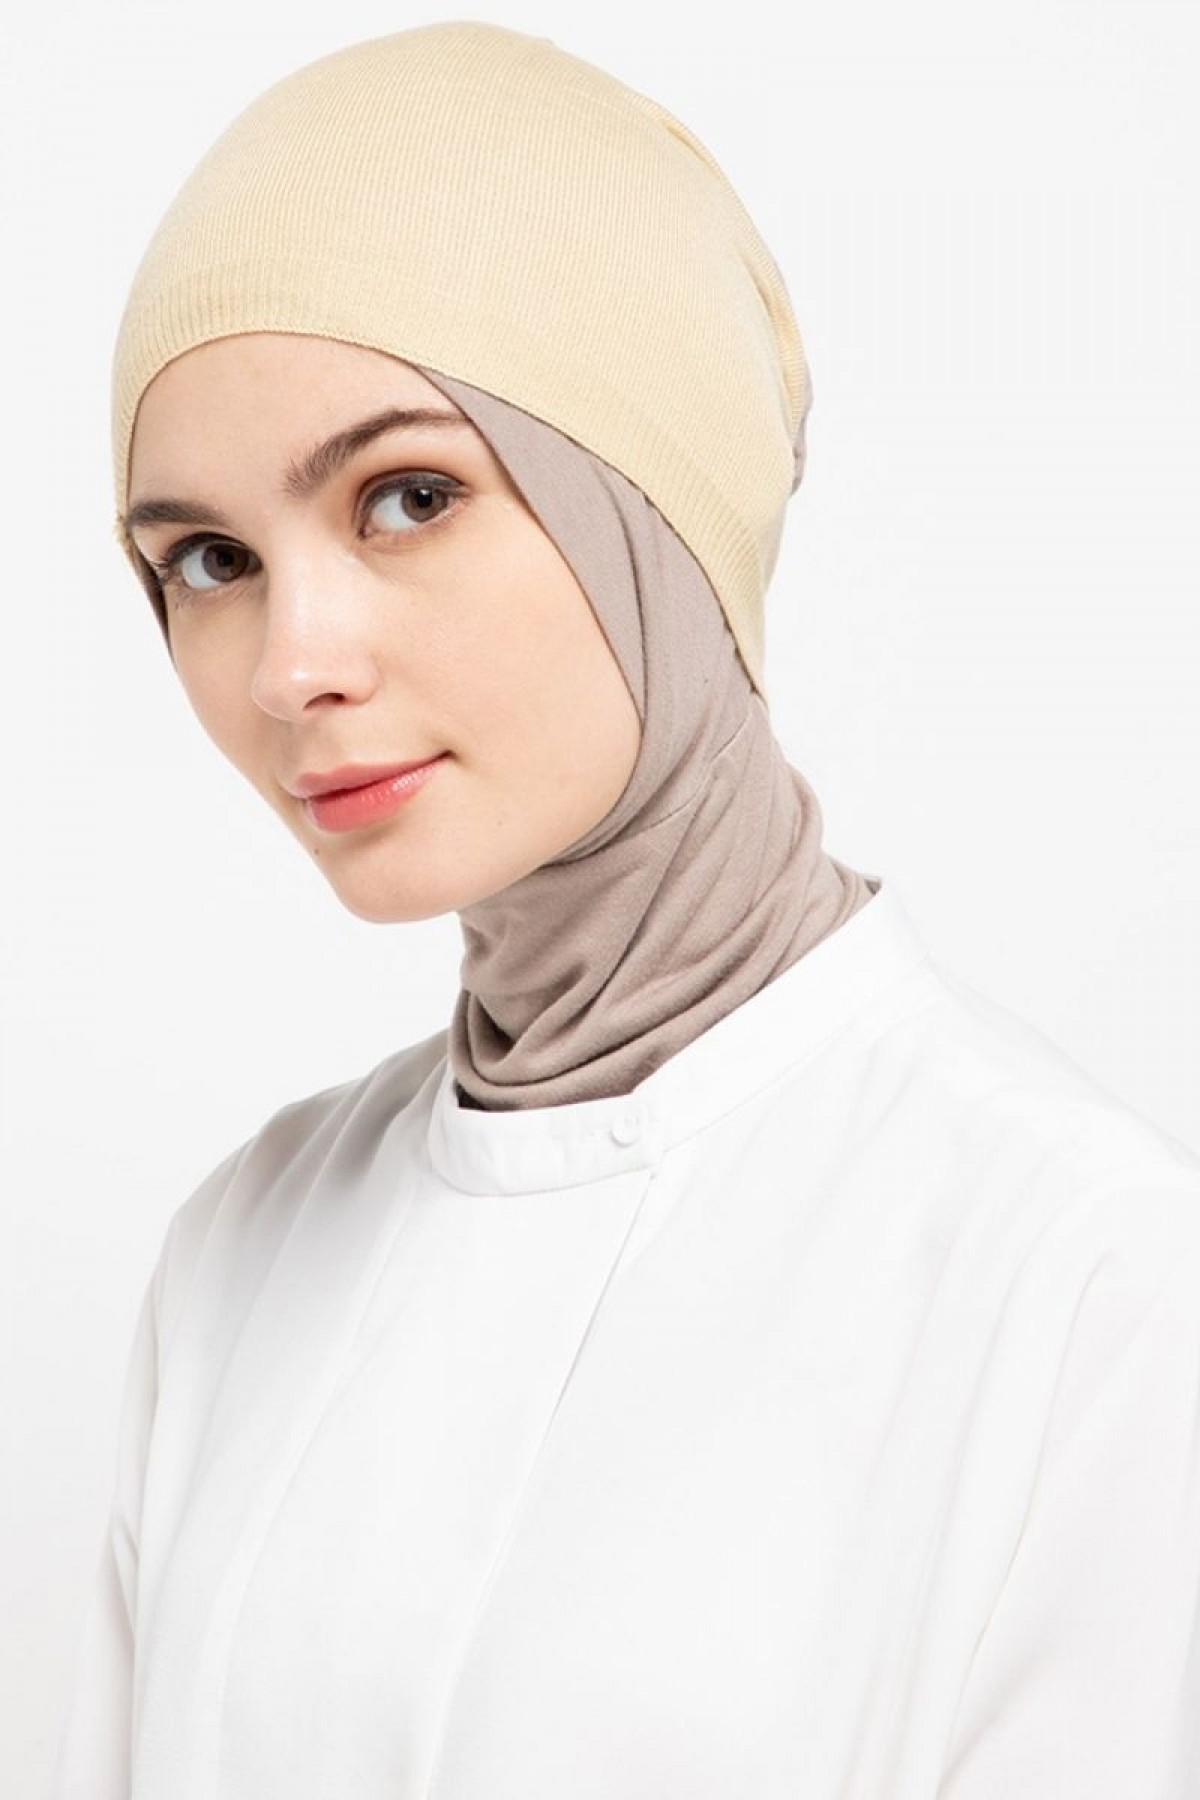 Headband Knitting Sand Nw - L.tru